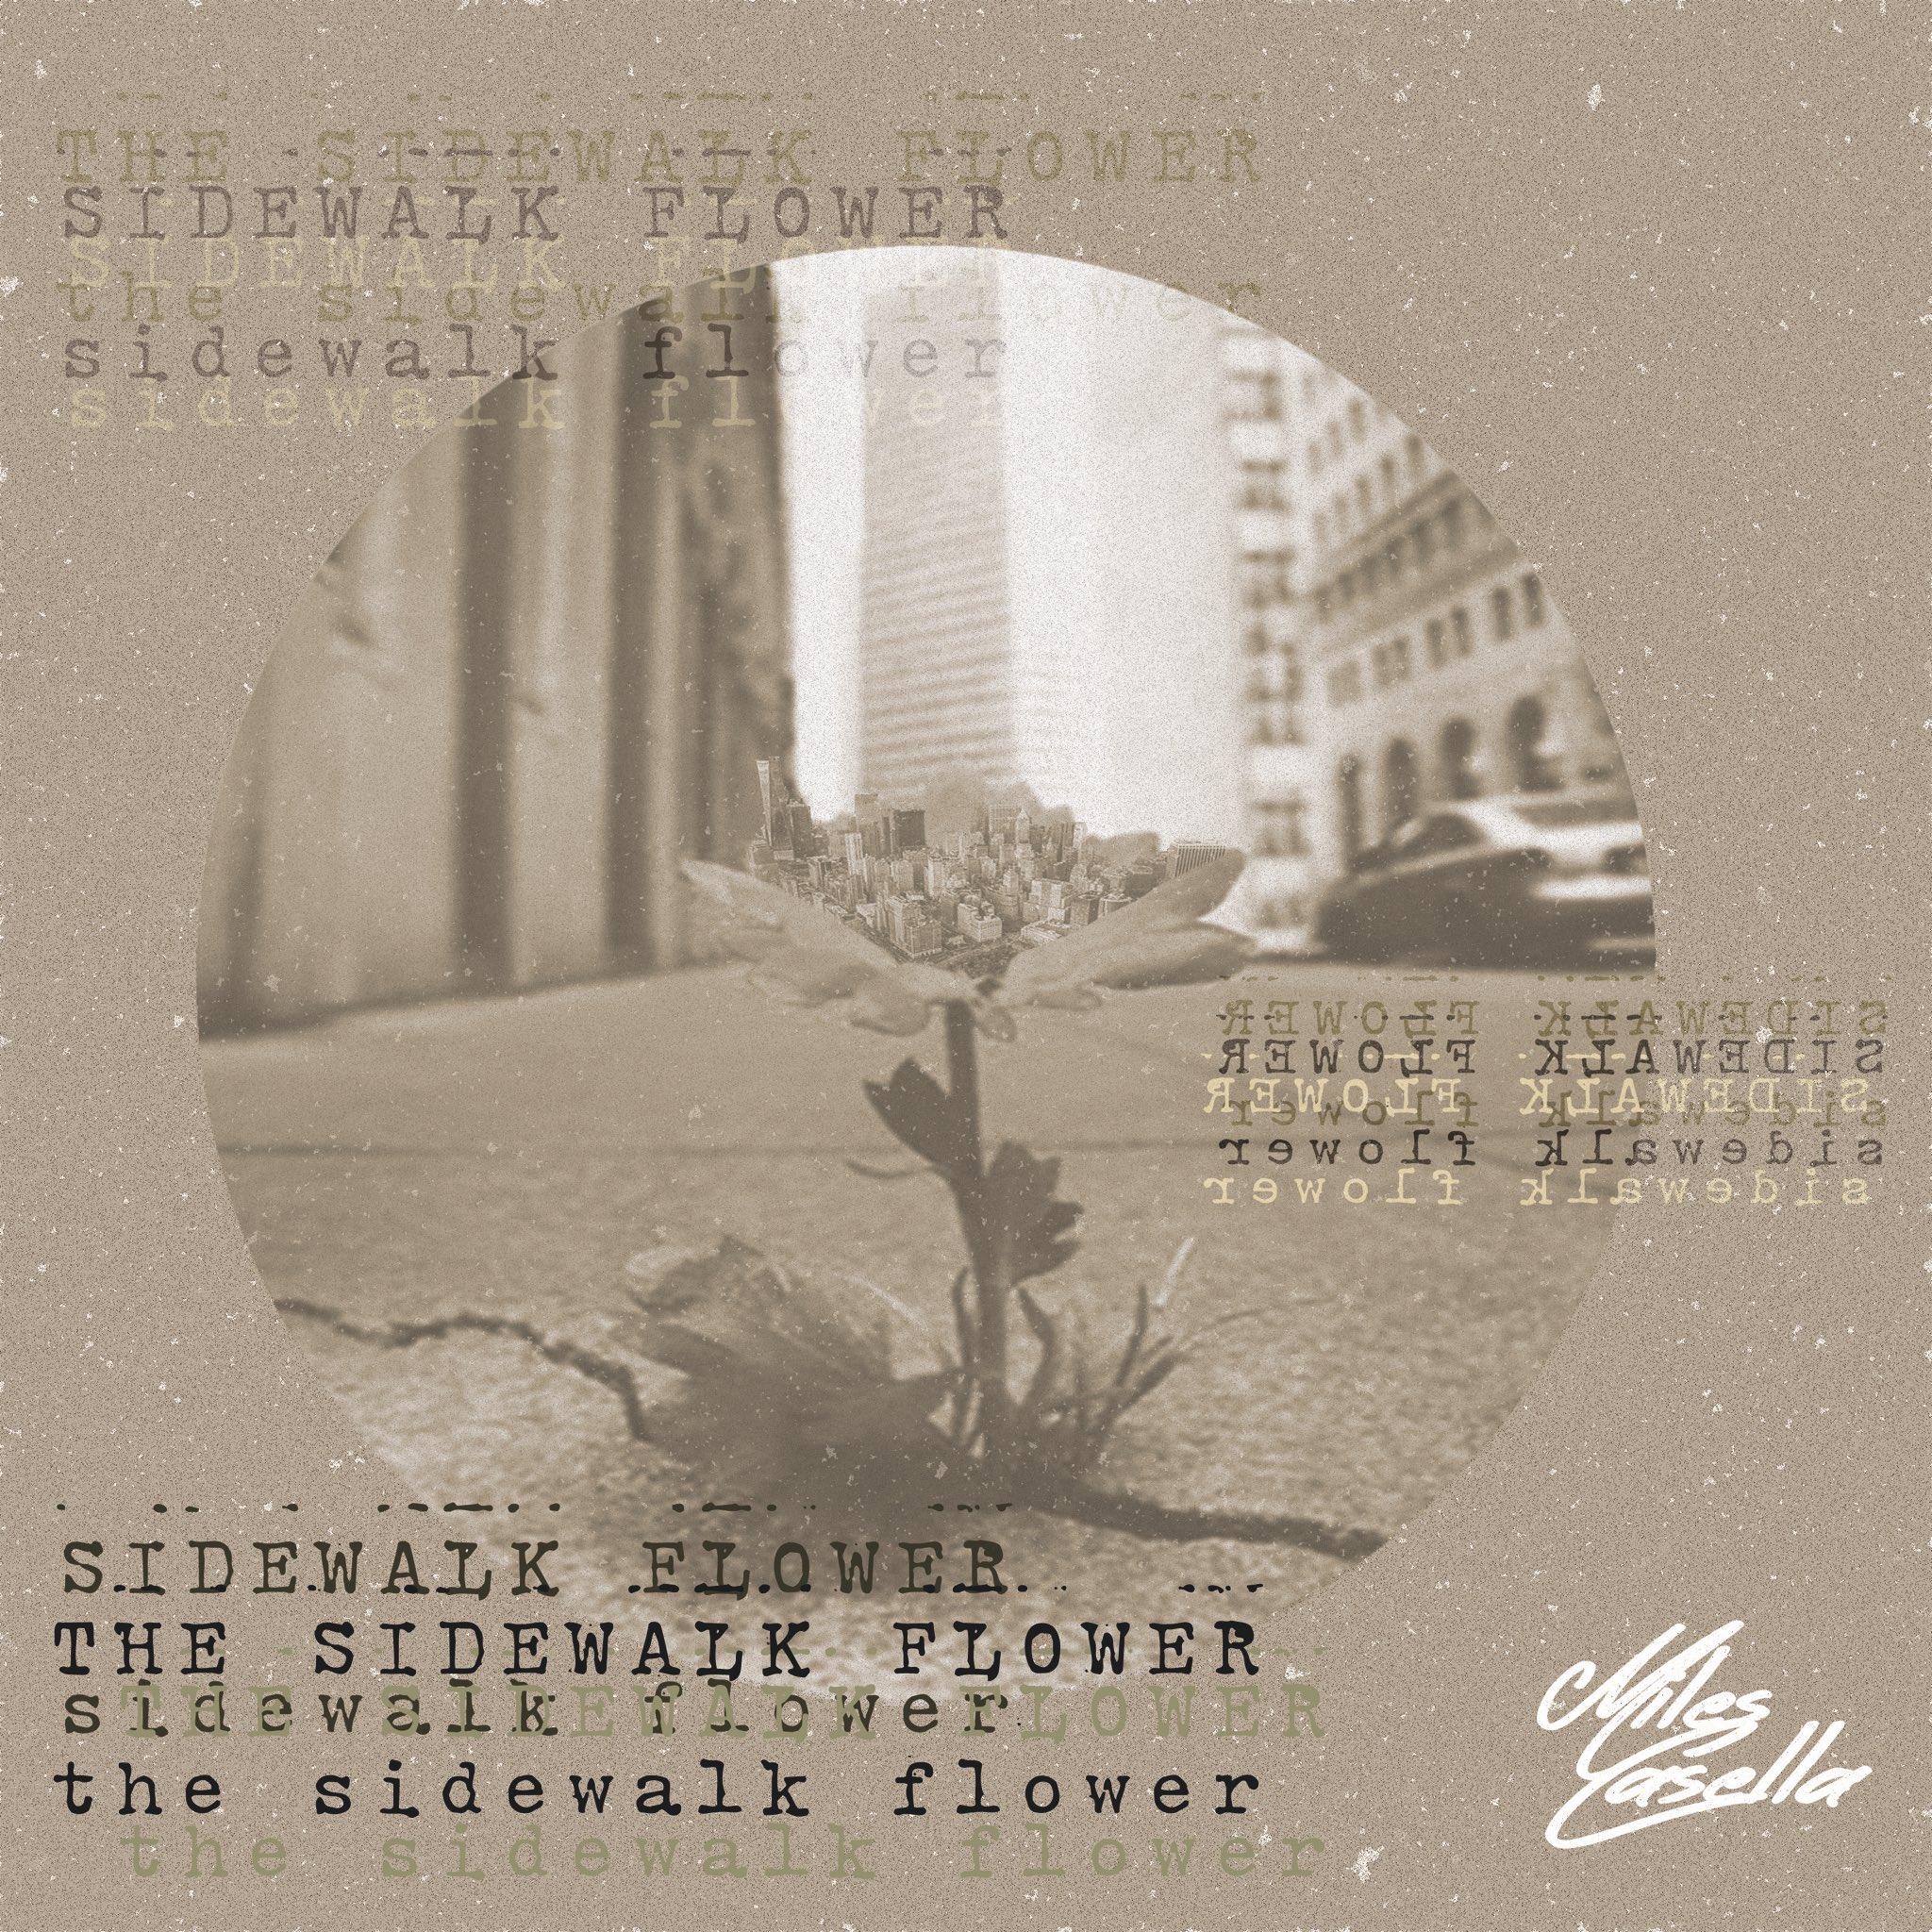 5 days until the album release!  #thesidewalkflower #underground #rap #blues #Jazz #revolutionary https://t.co/EtGjljCoX3